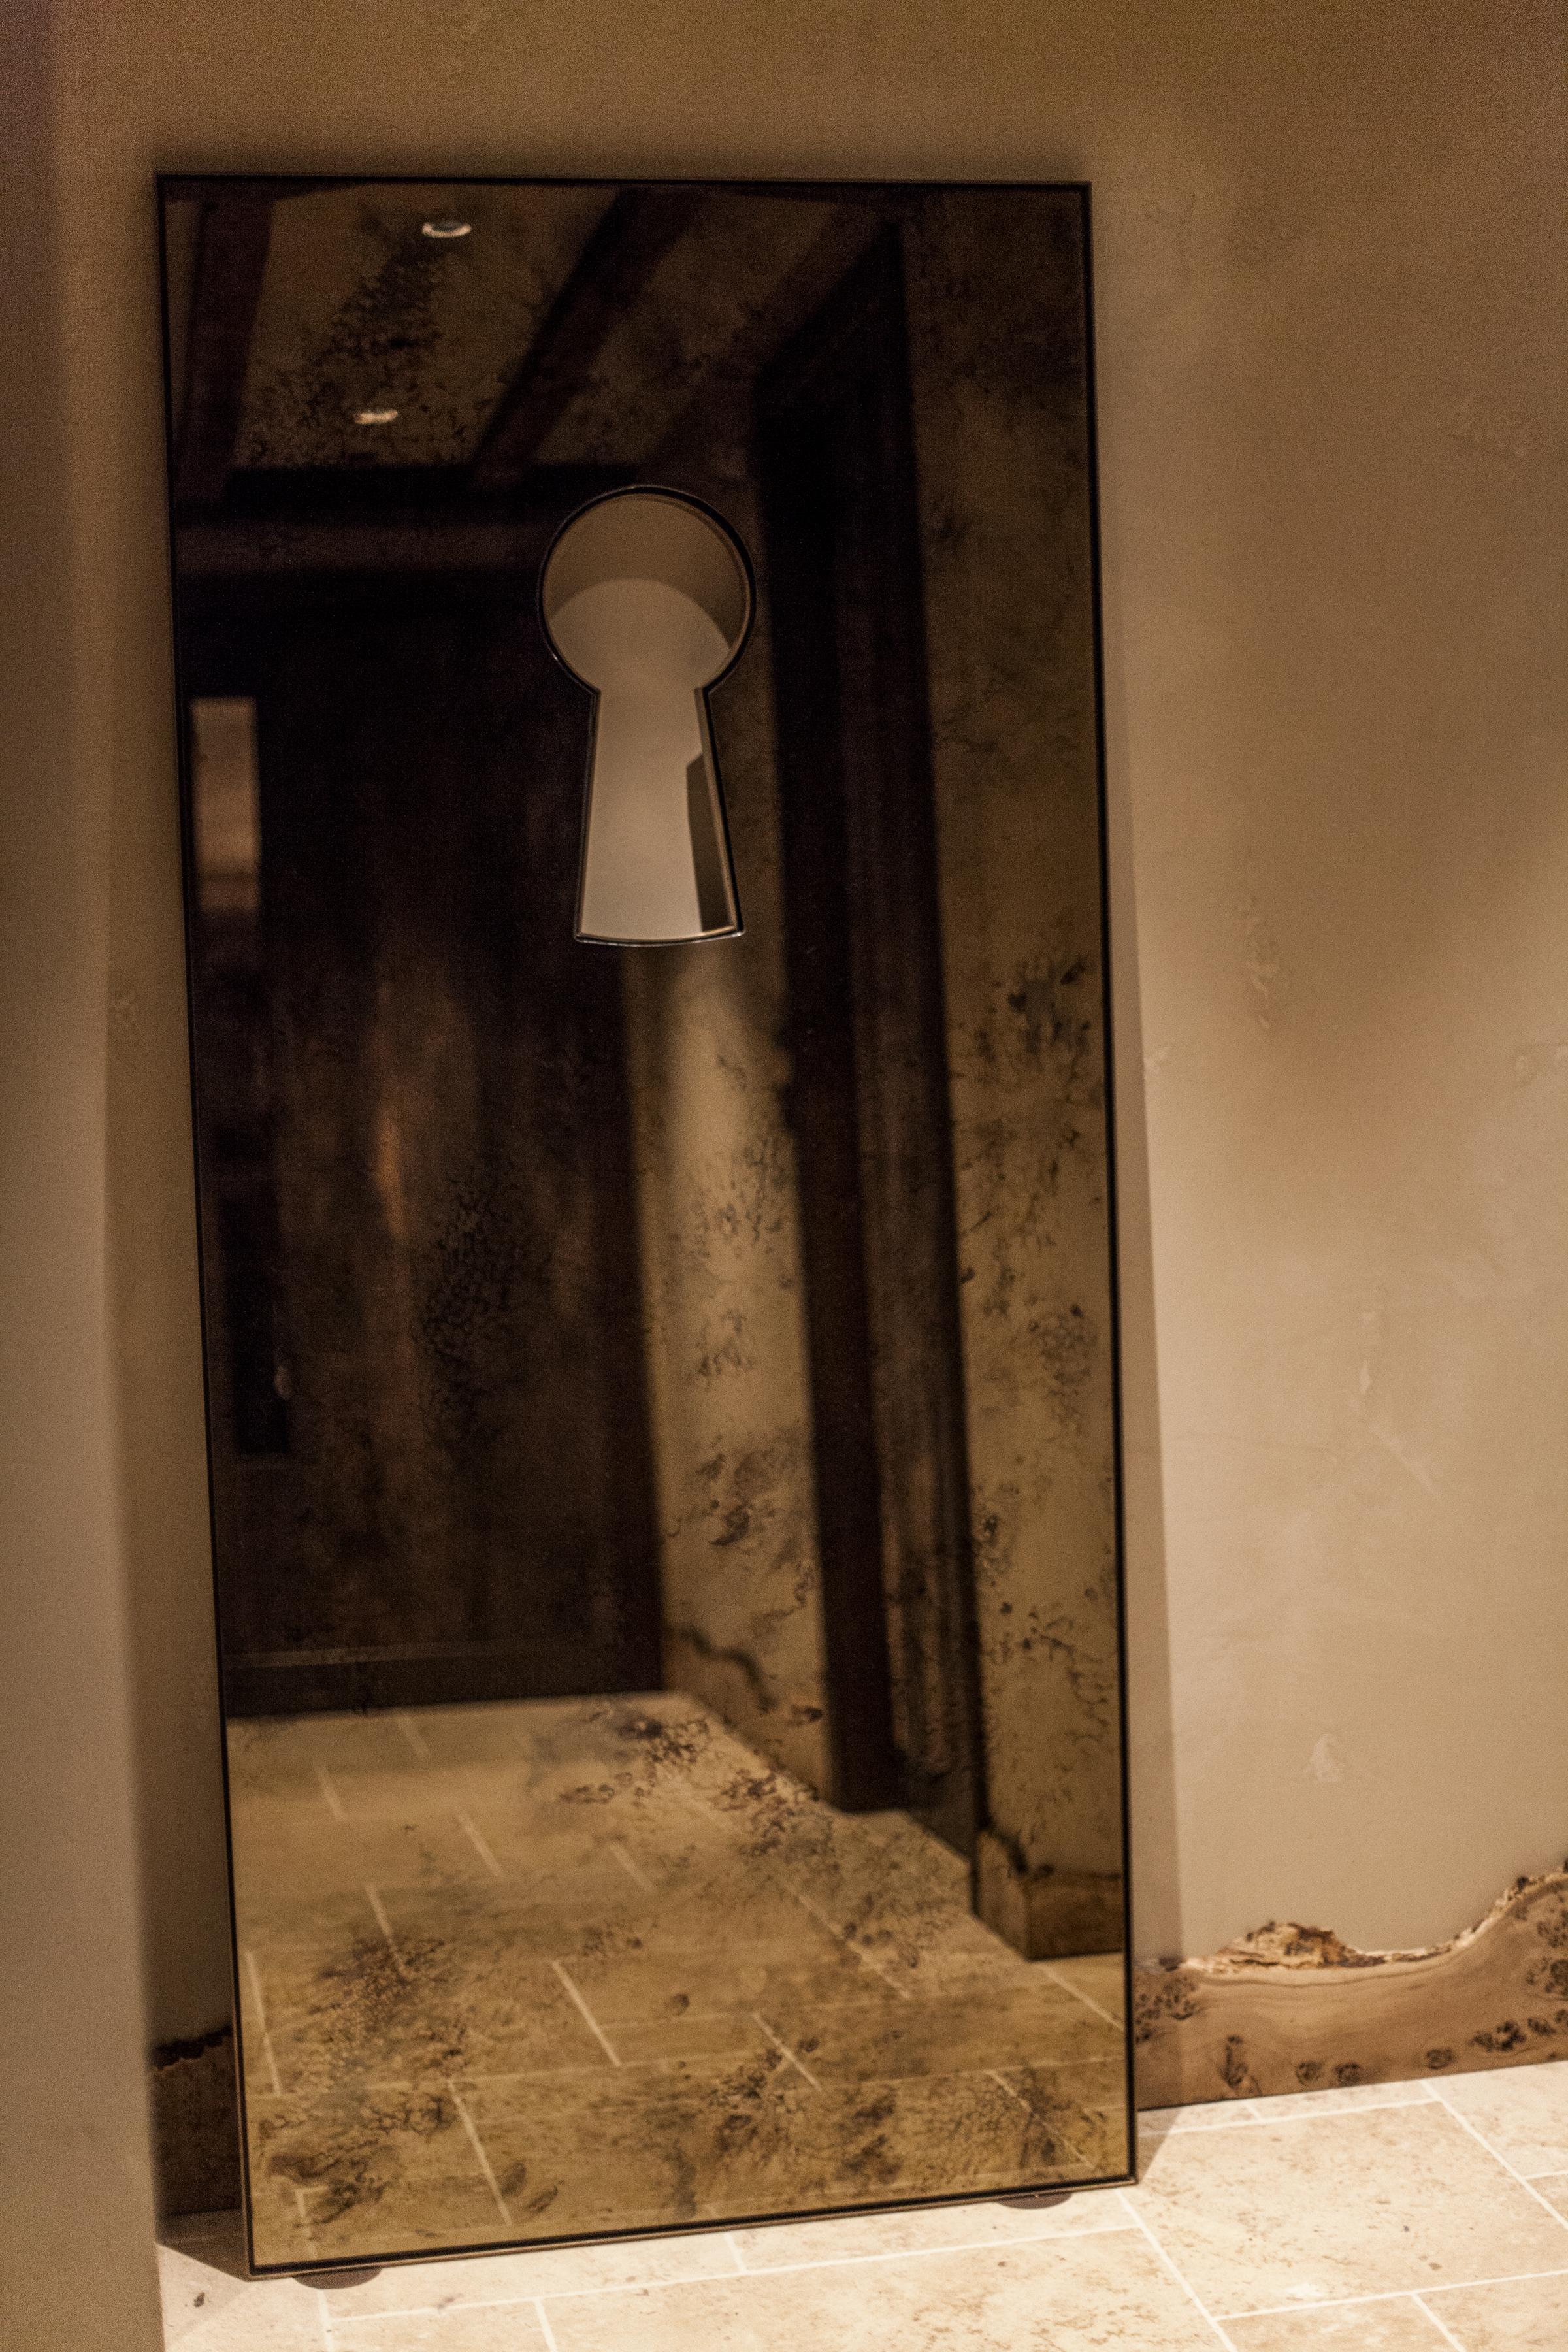 Bespoke Mirror Key Hole Design Antique Bronze Mirror Details These White Walls Studio Interior Design Hide Restaurant London.jpg